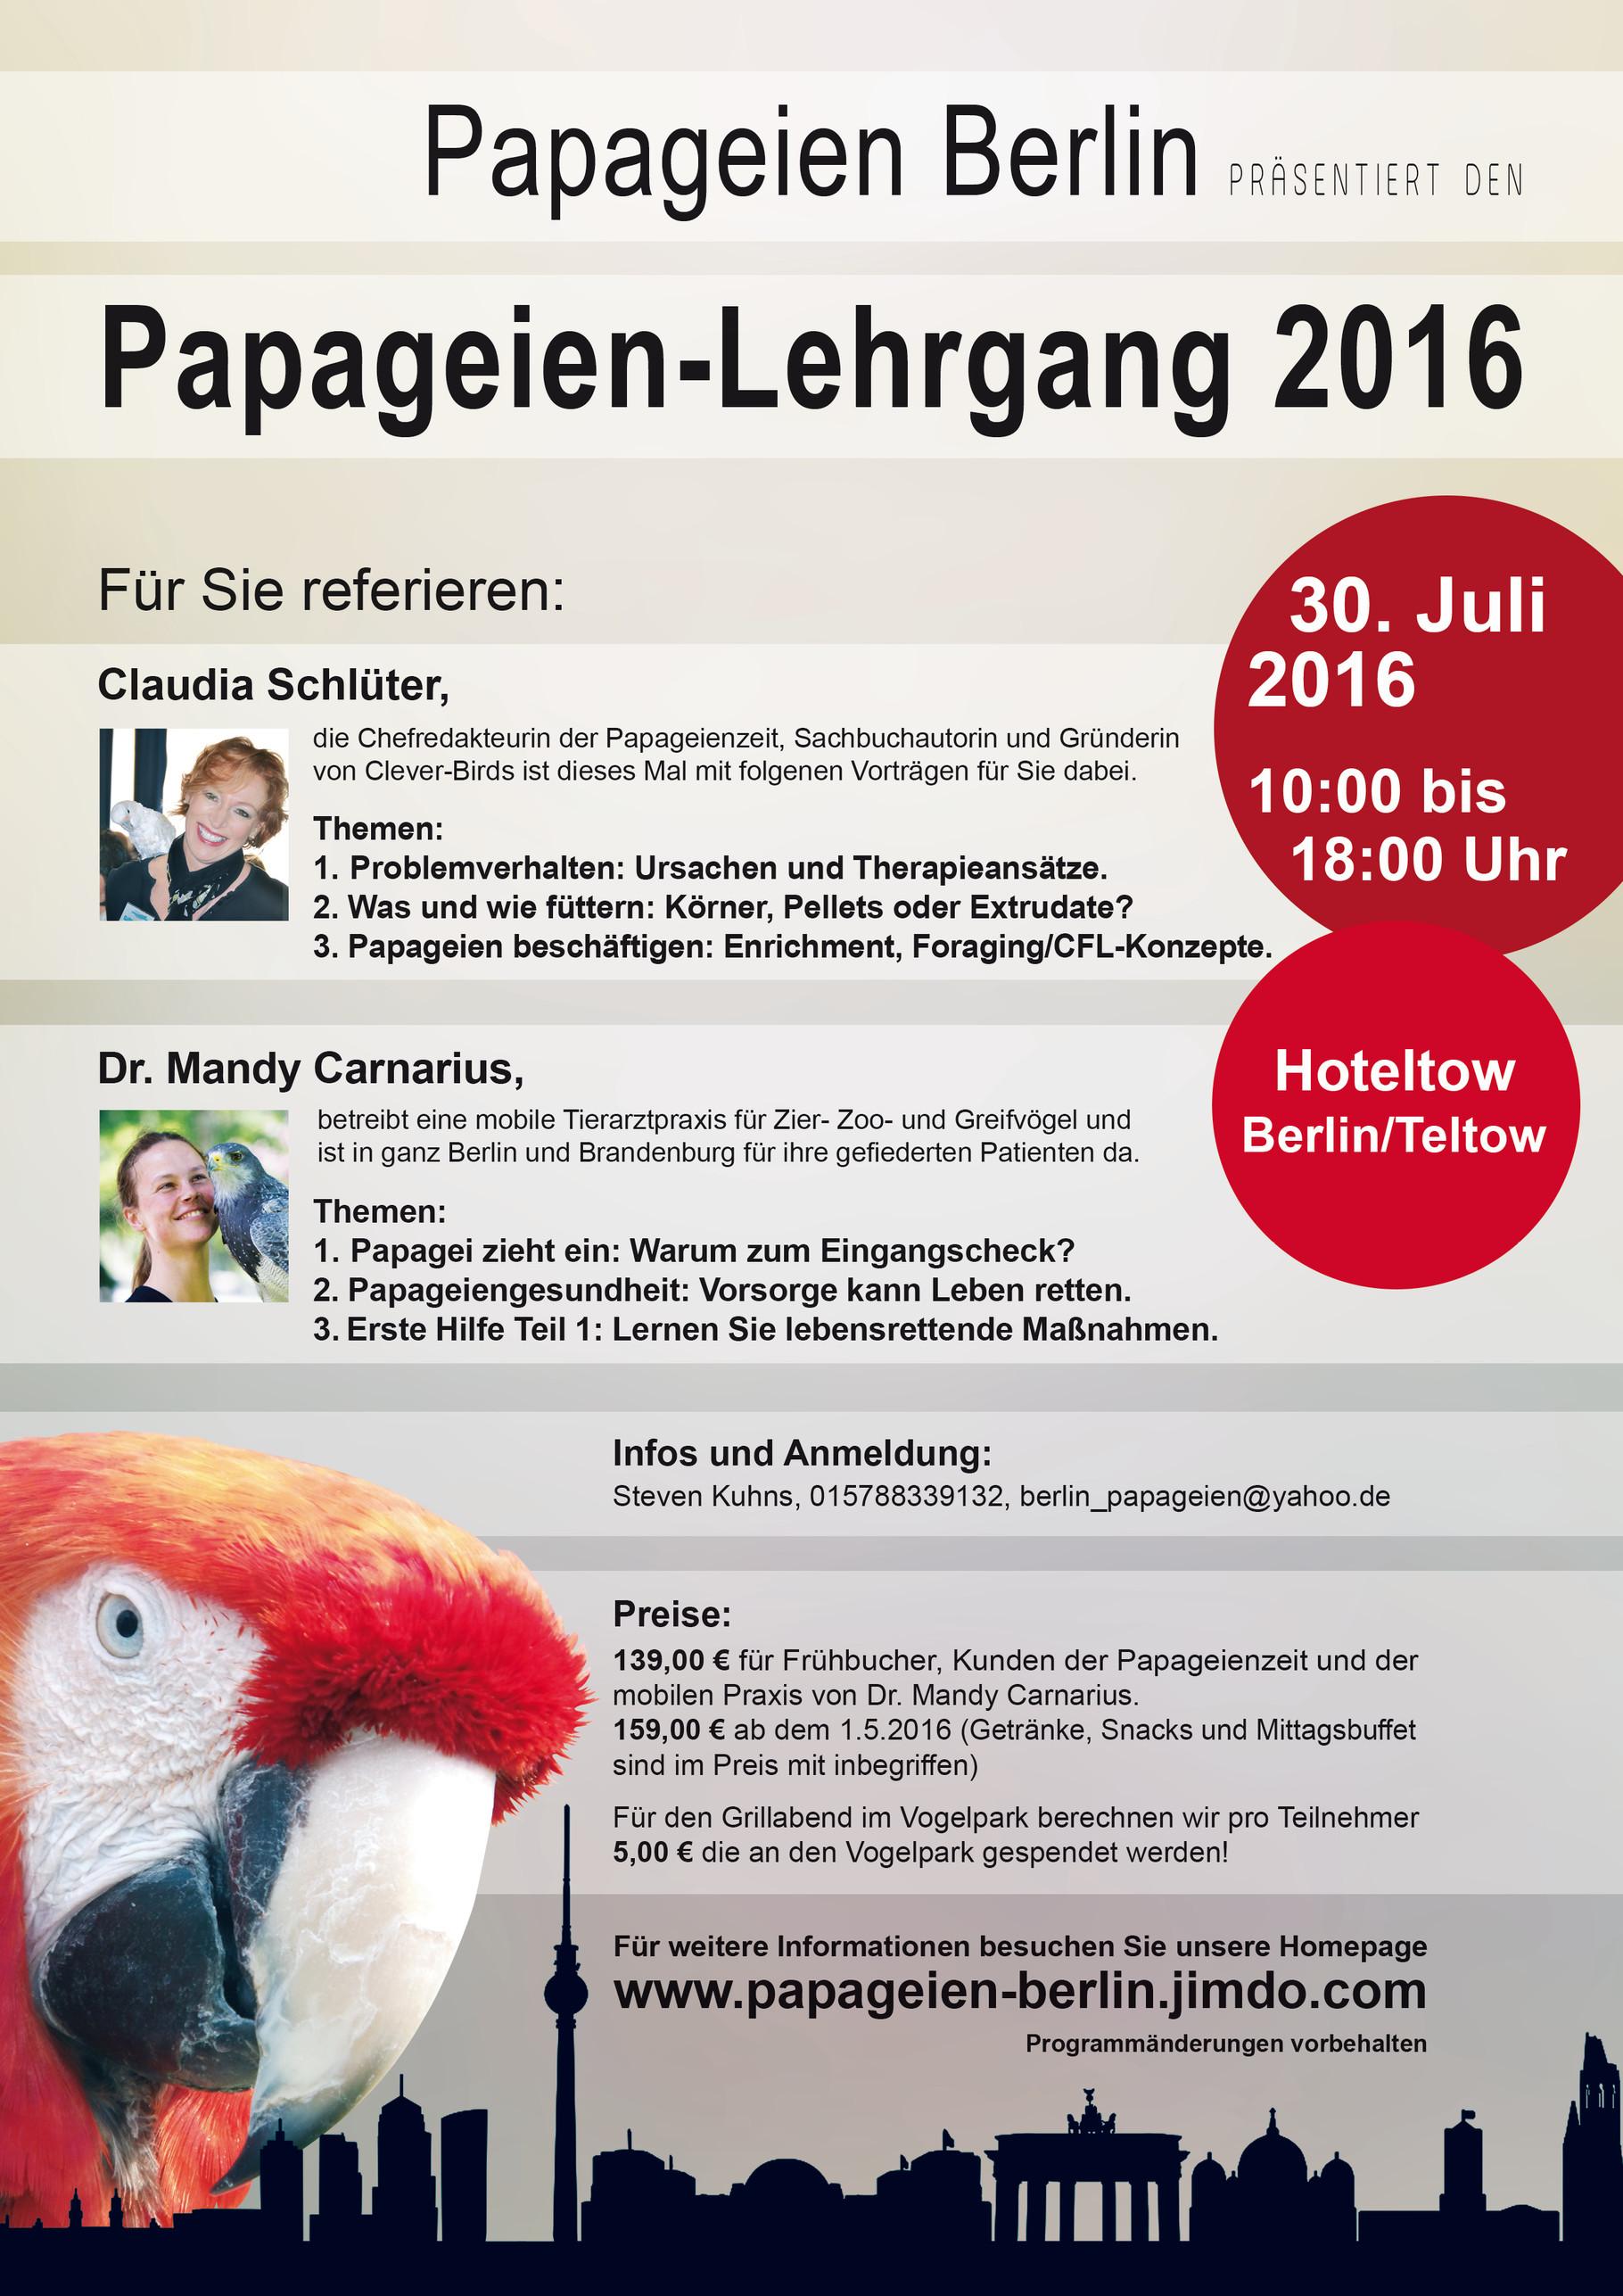 2. Papageien-Lehrgang 2016 - papageien-berlins Webseite!